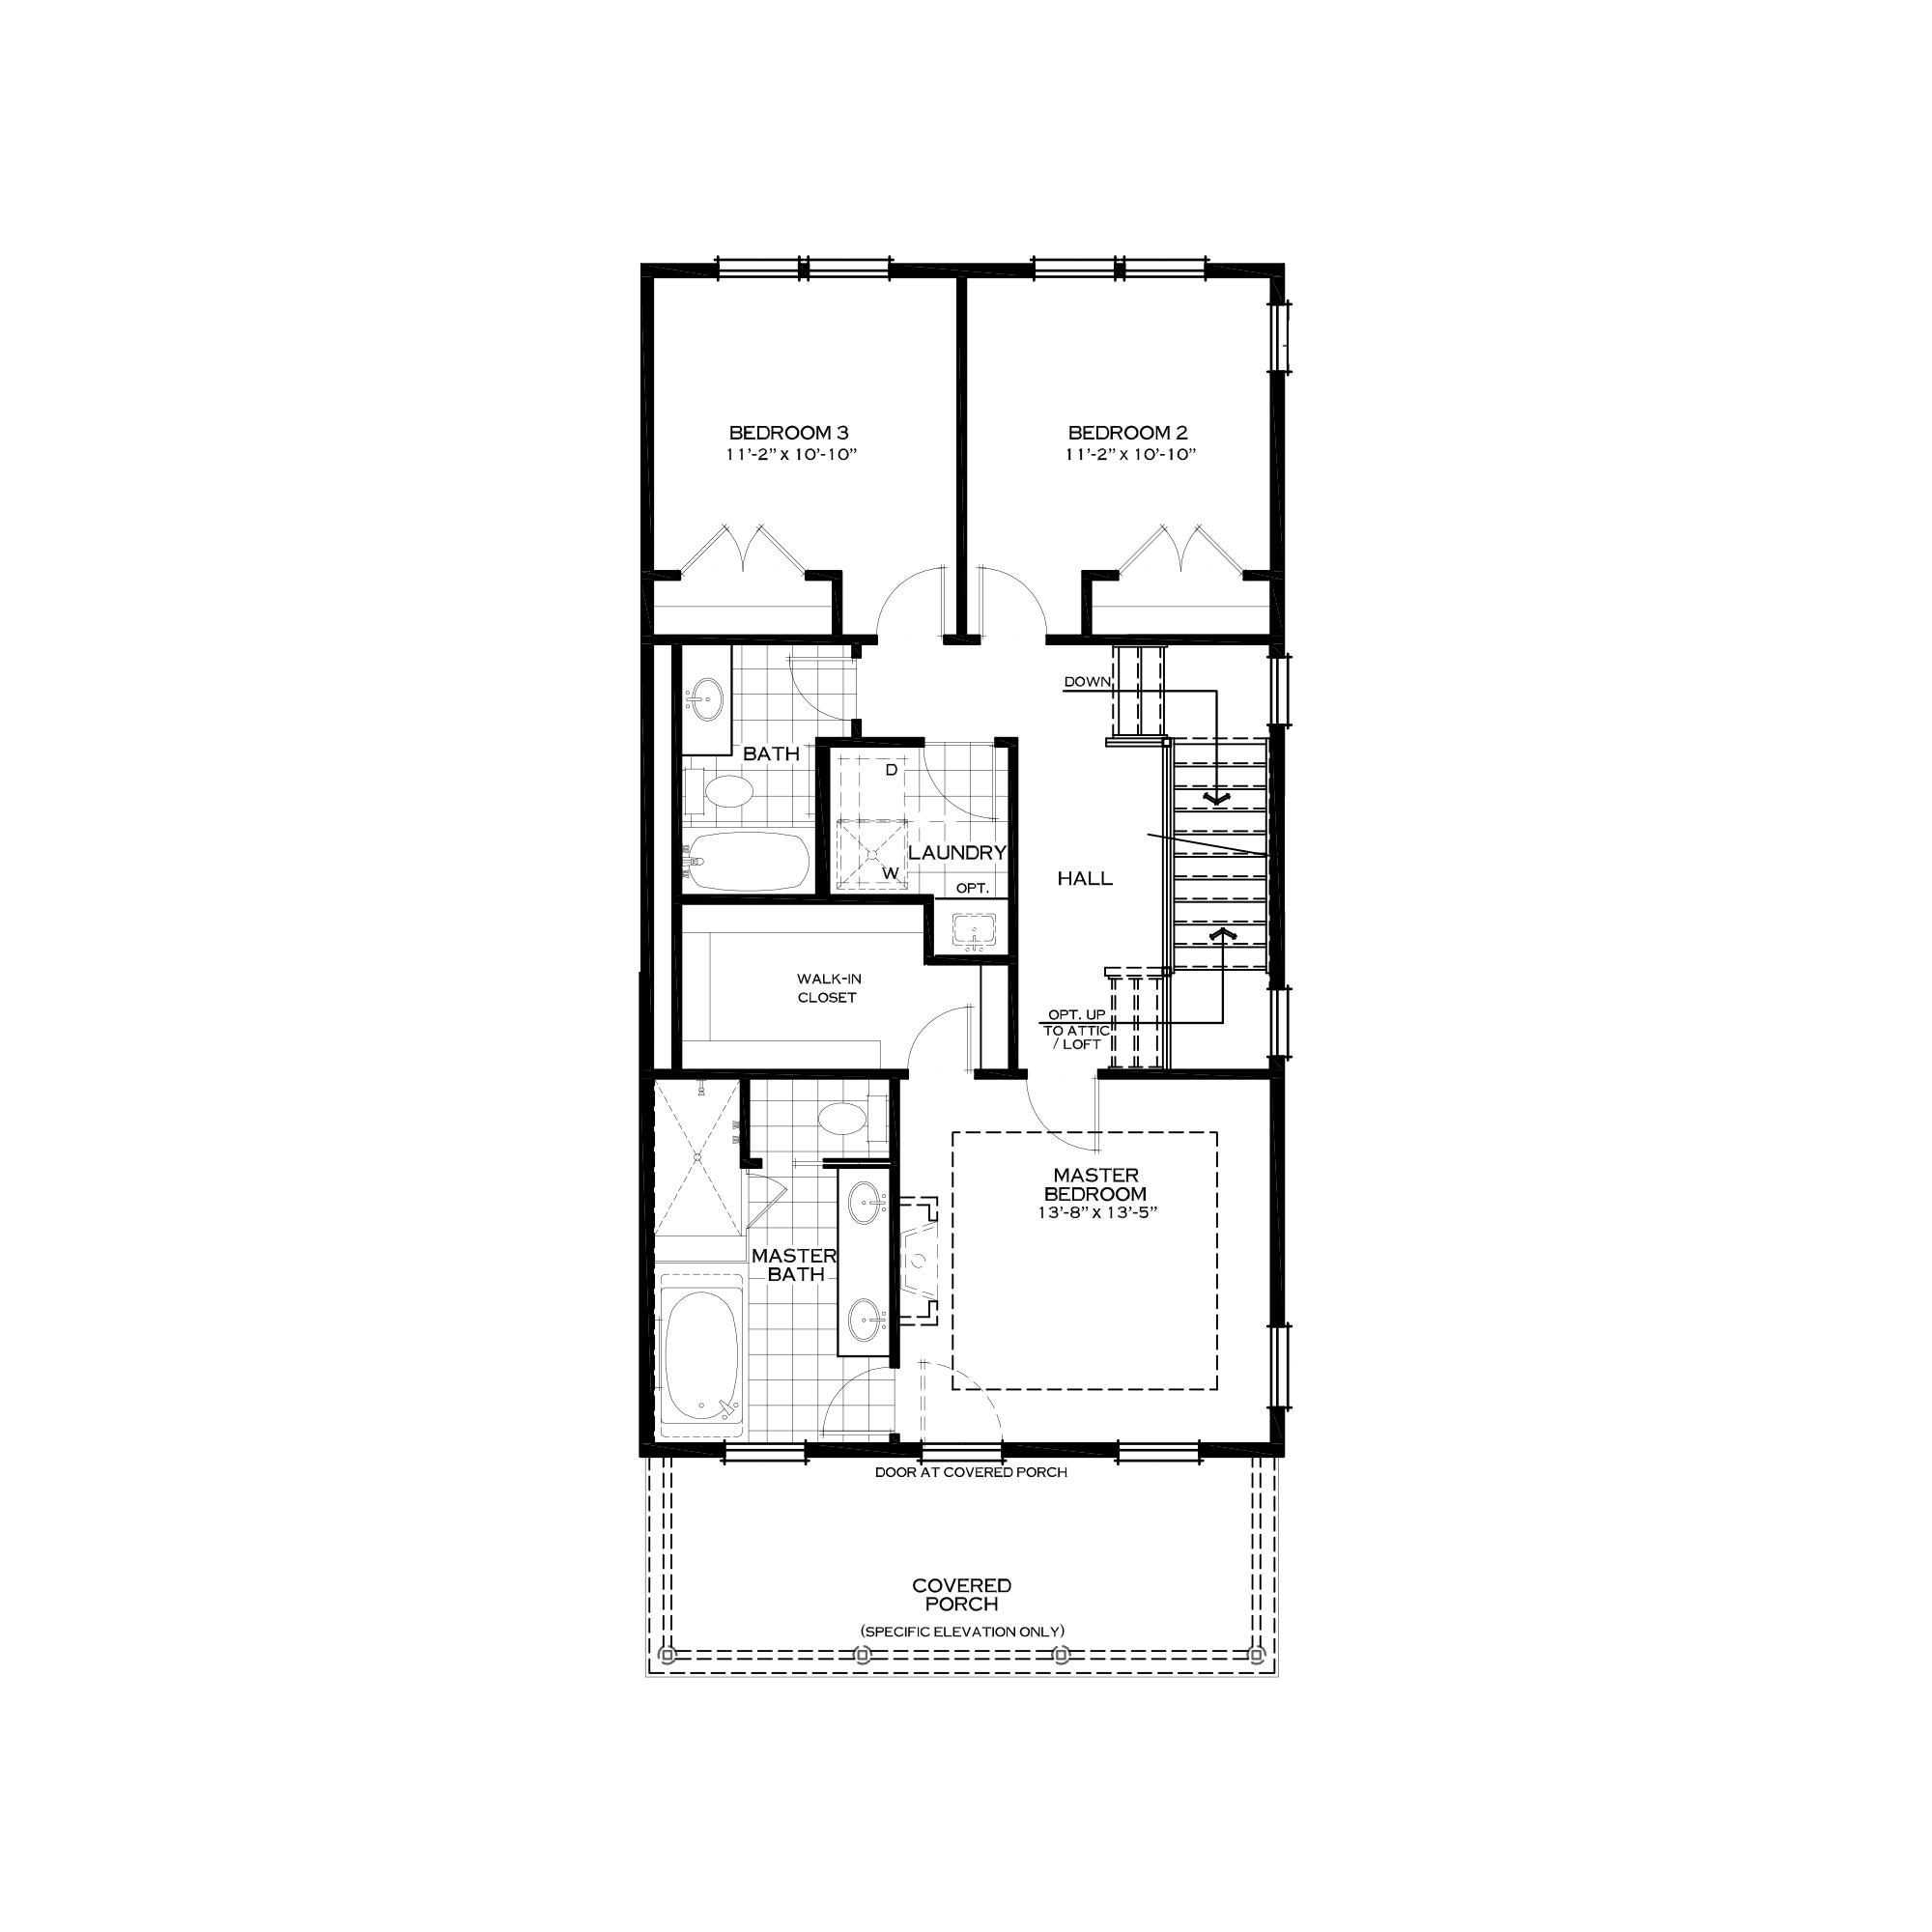 Standard Third/Bedroom Floor